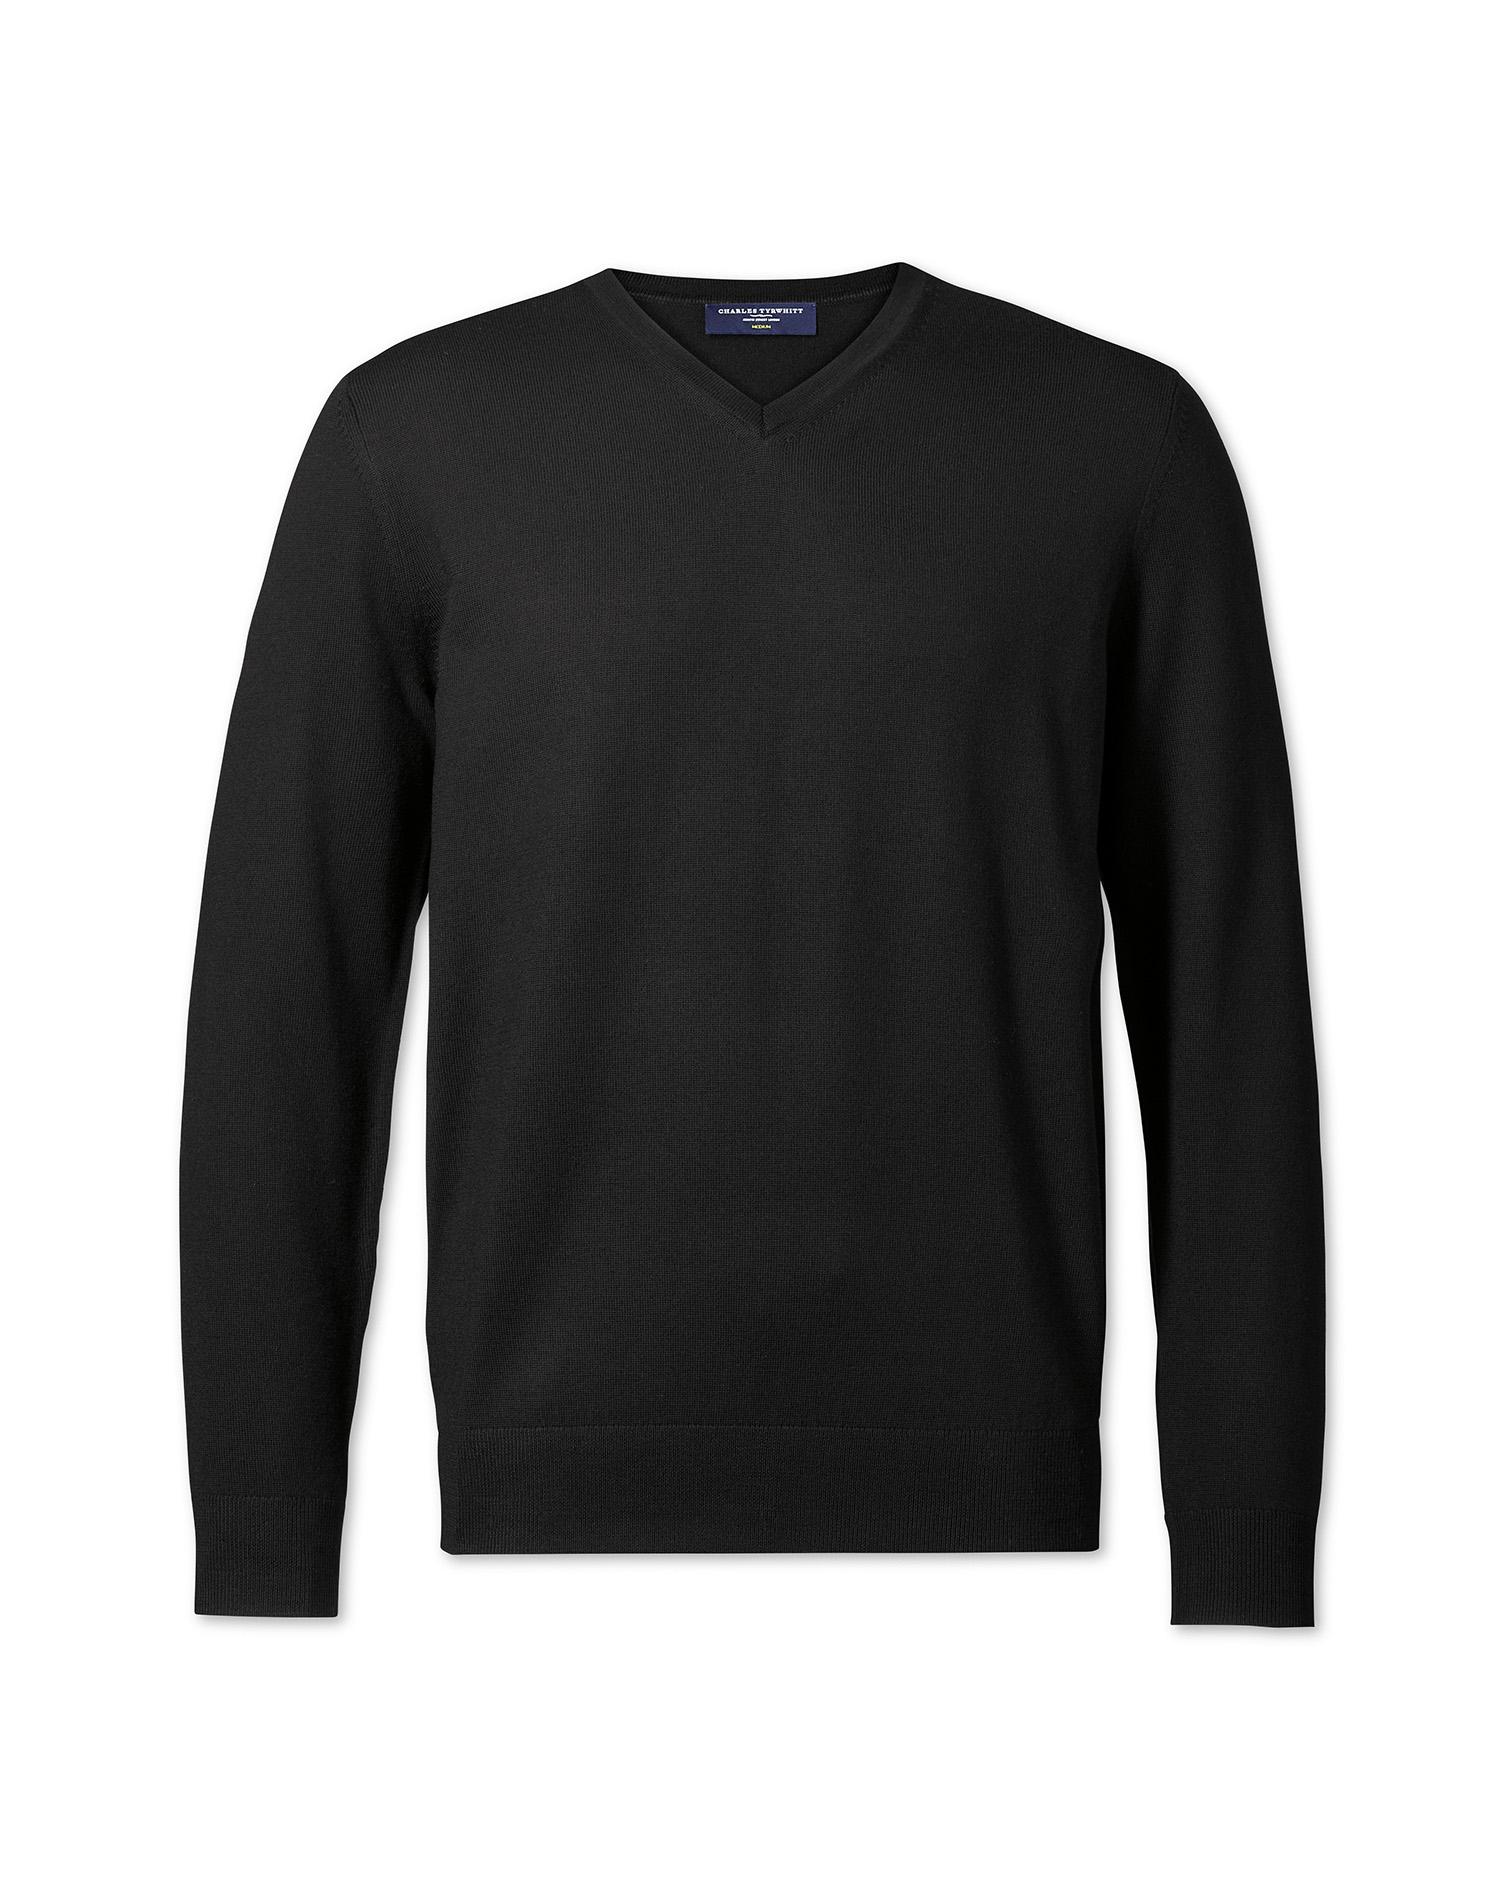 Black merino wool v-neck sweater | Charles Tyrwhitt